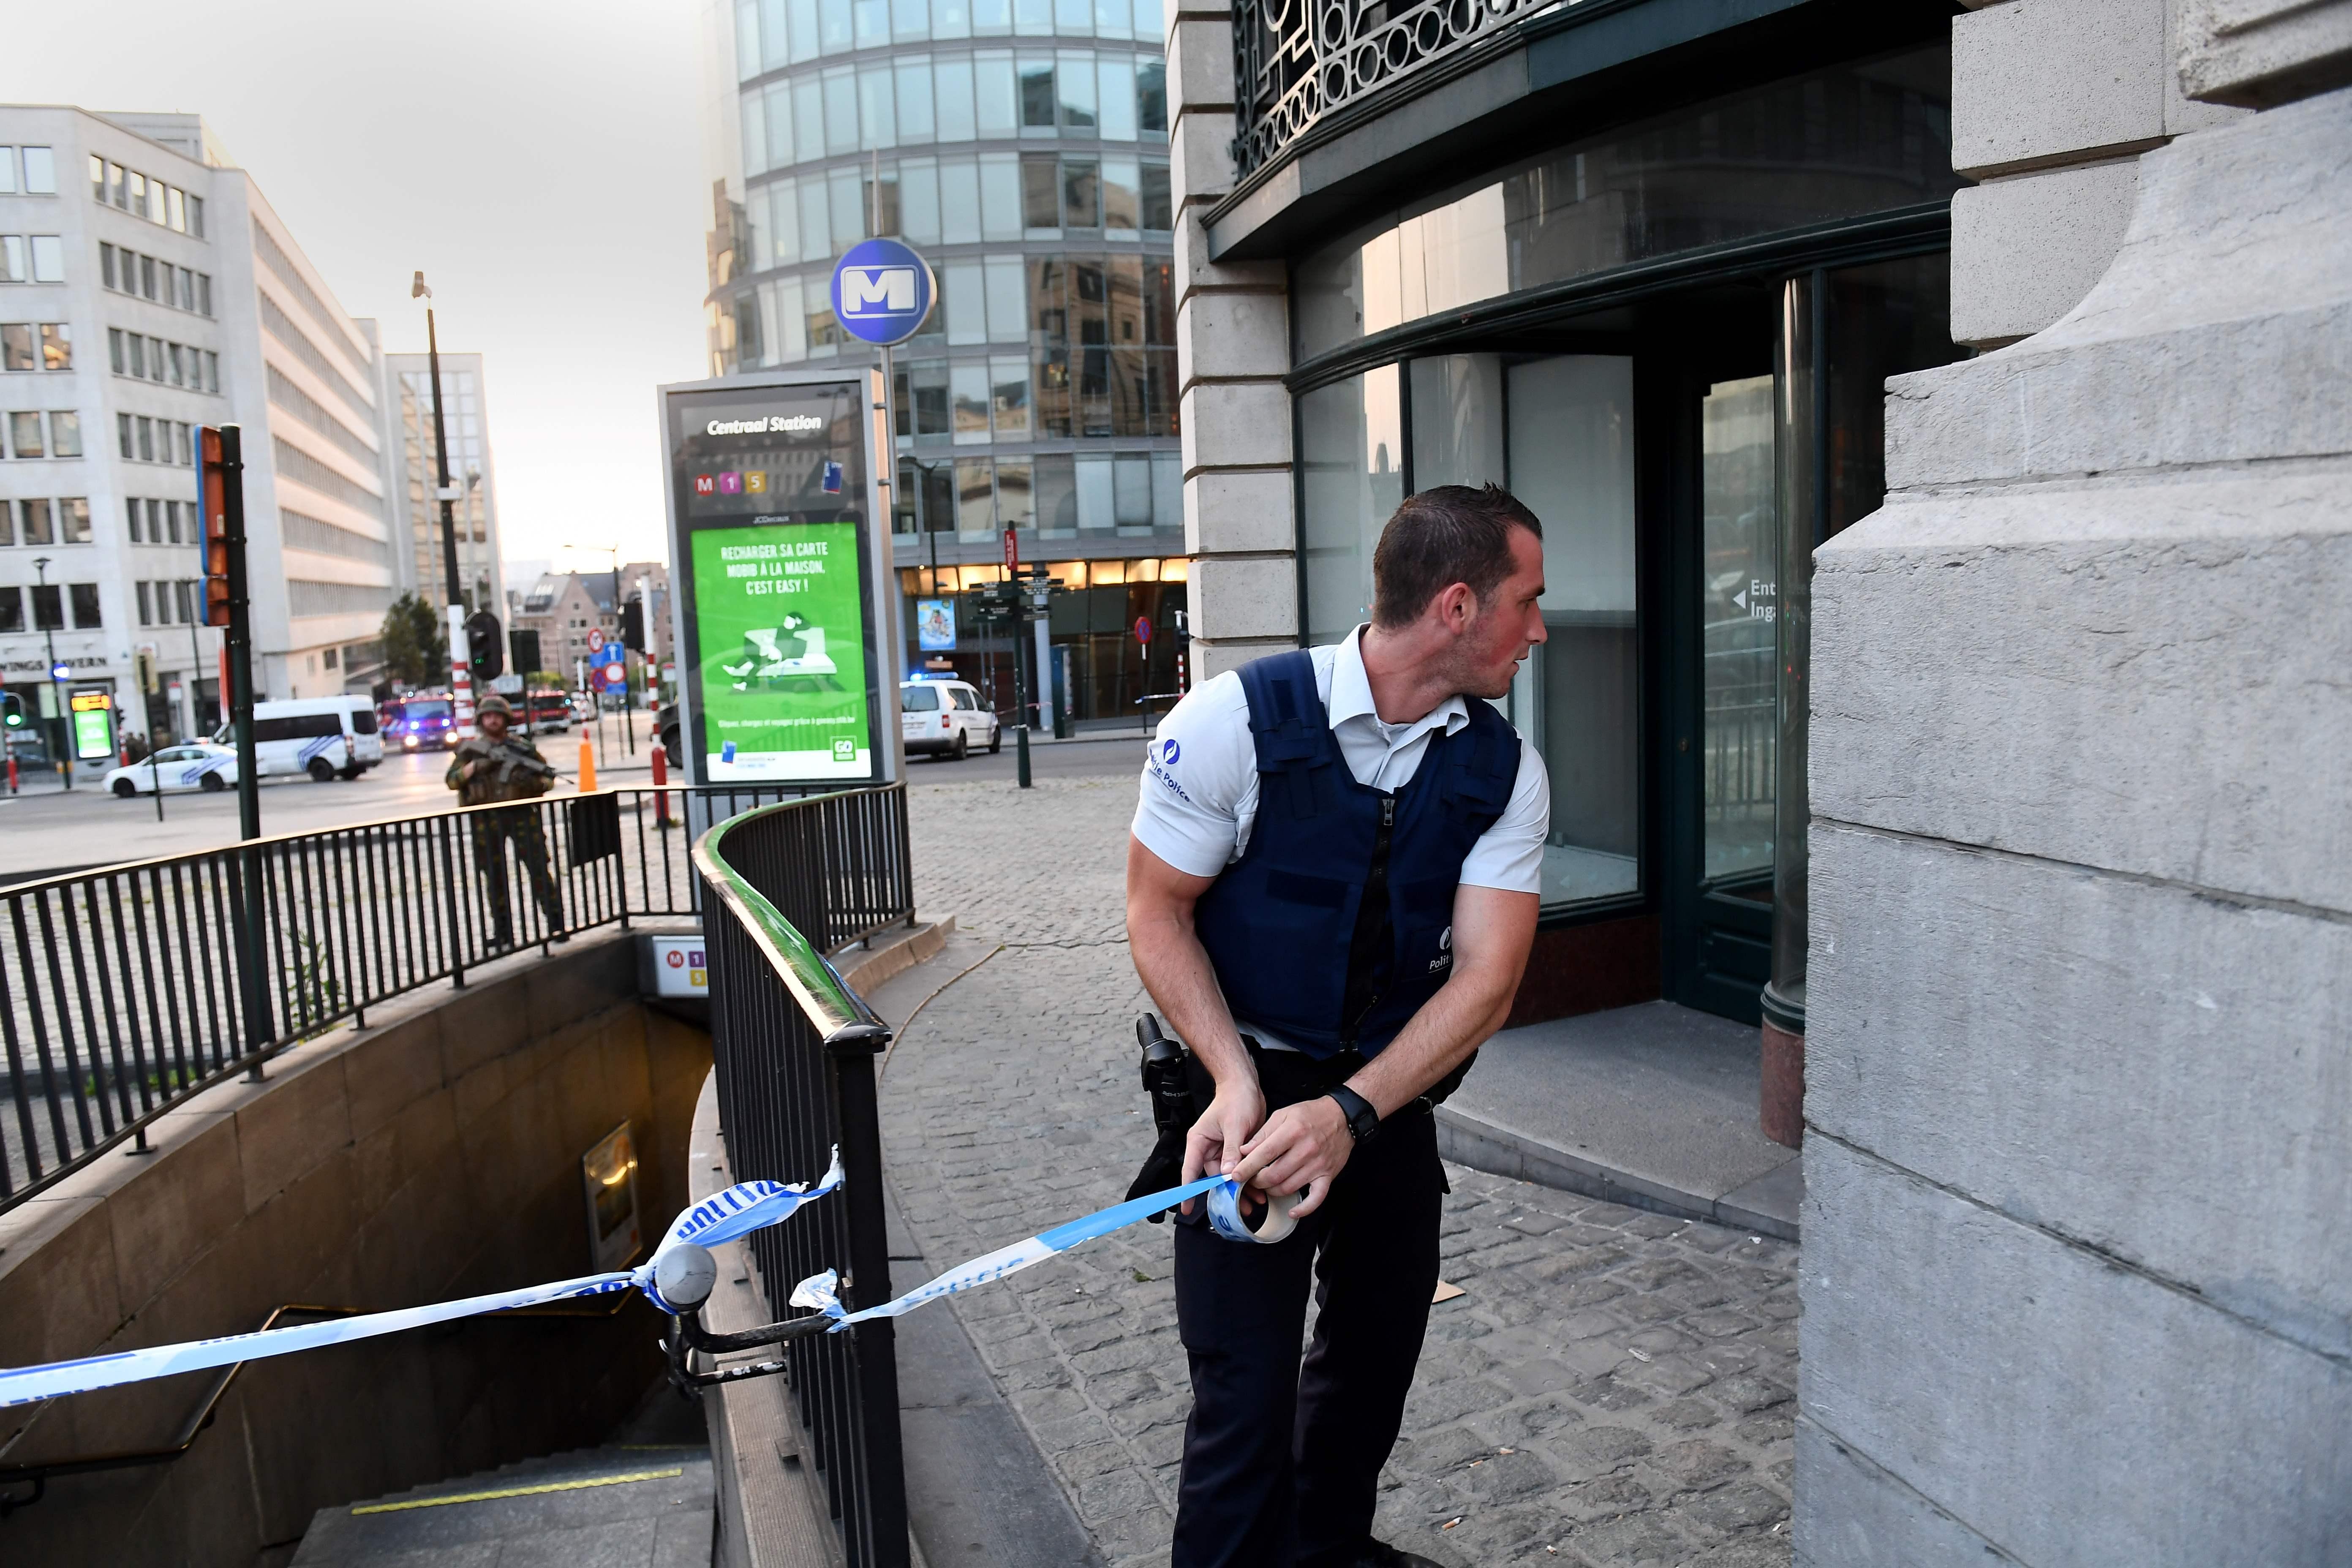 إجراءات أمنية مشددة فى بروكسل